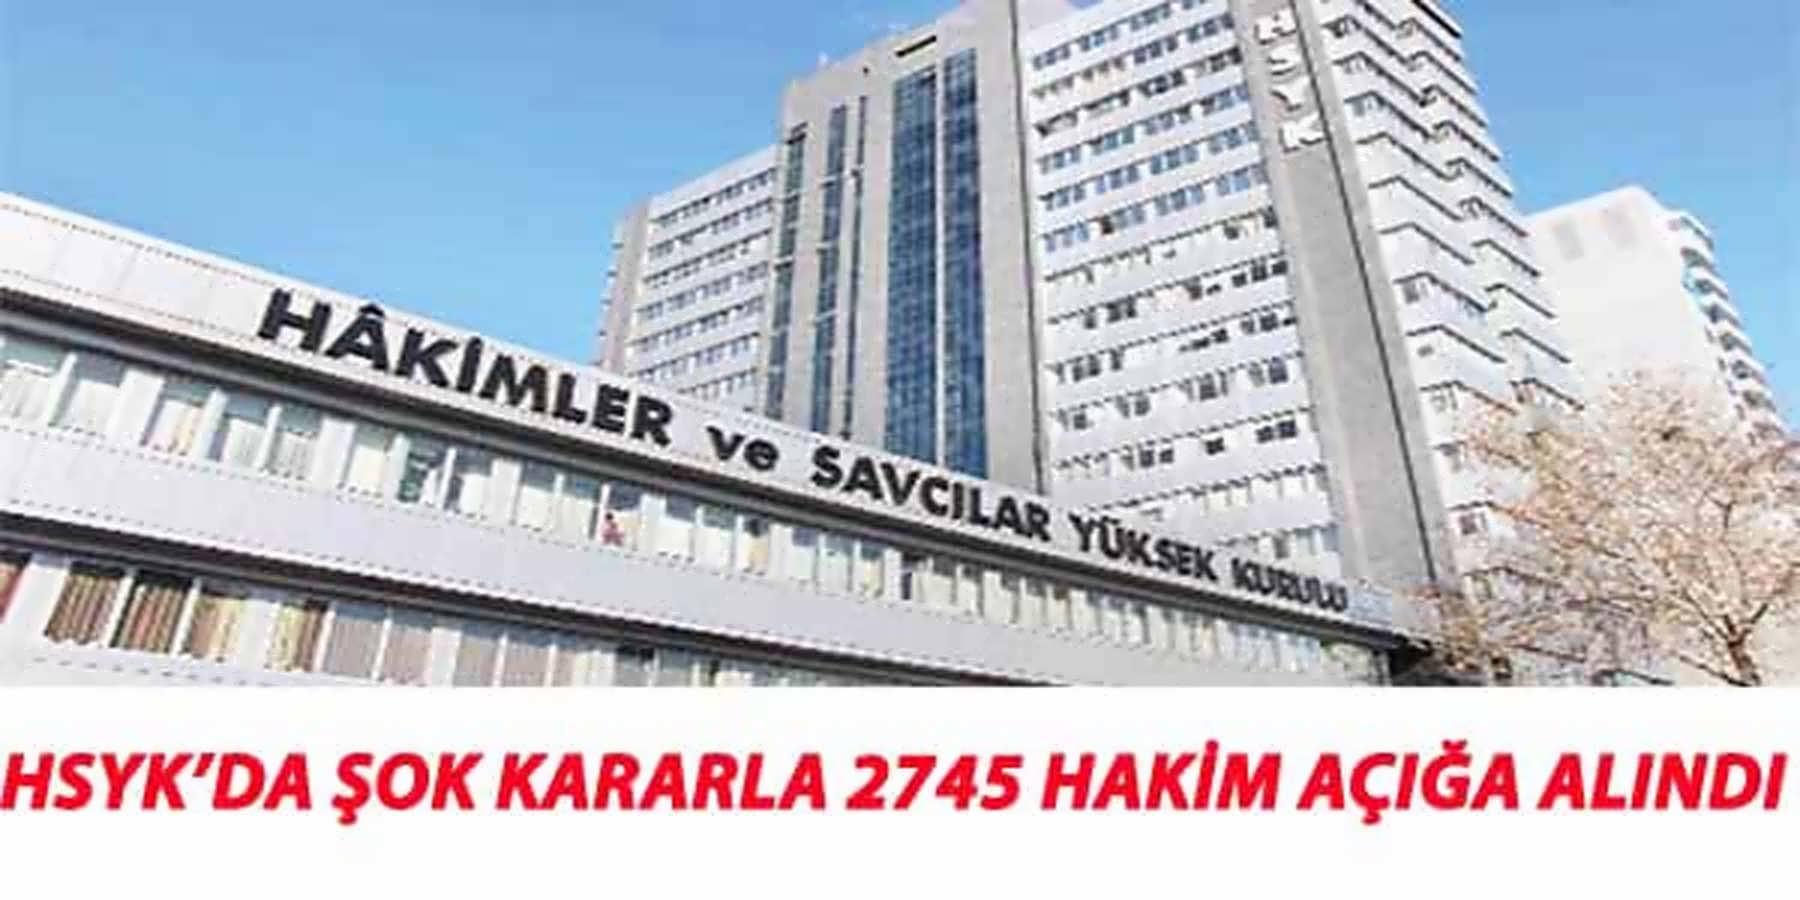 HSYK'da 2745 Hakim Açığa Alındı